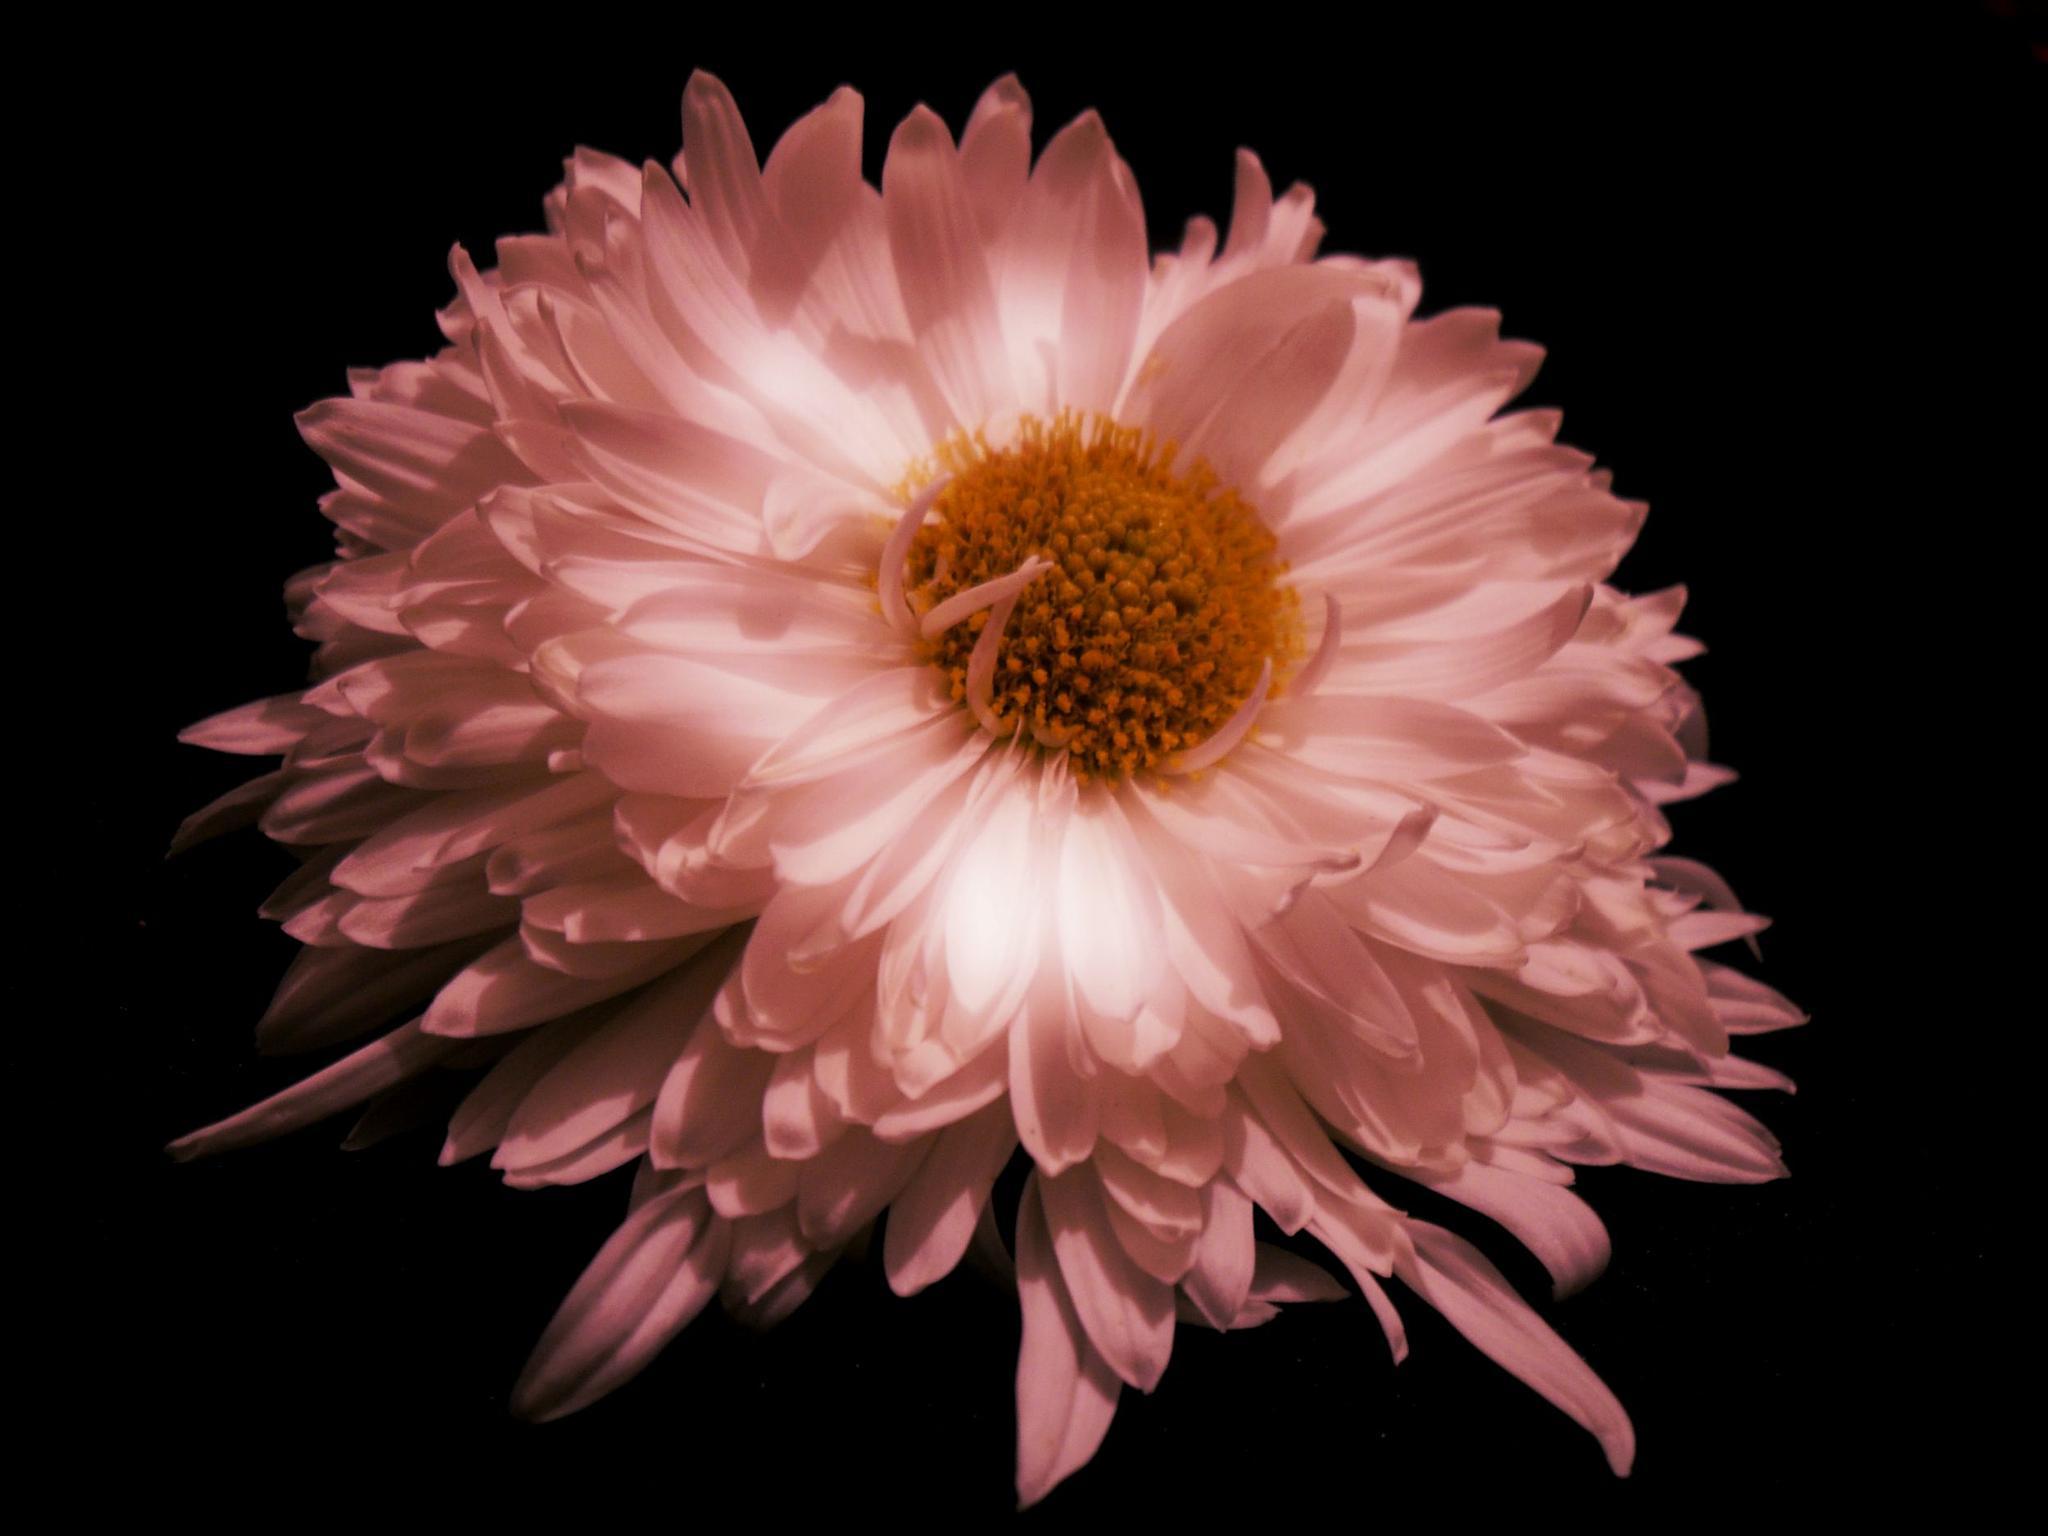 Flower by KrasiDimitrova